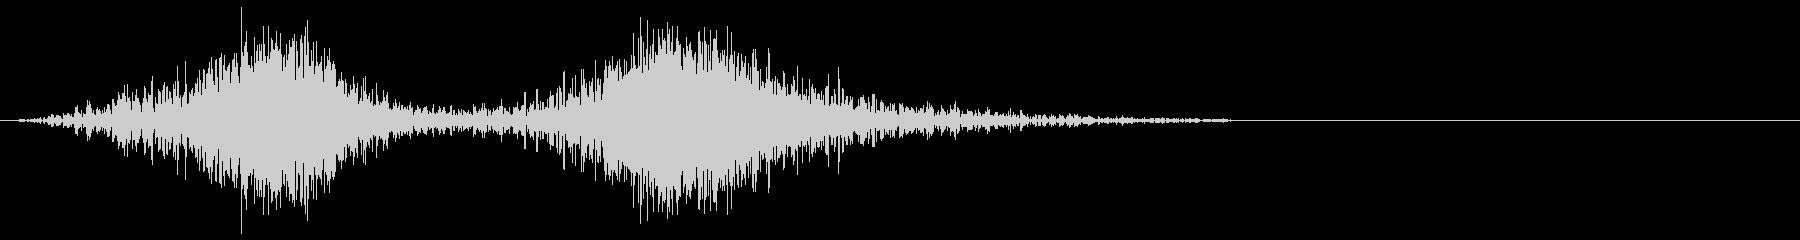 ヒューシューウォッシュダブルの未再生の波形